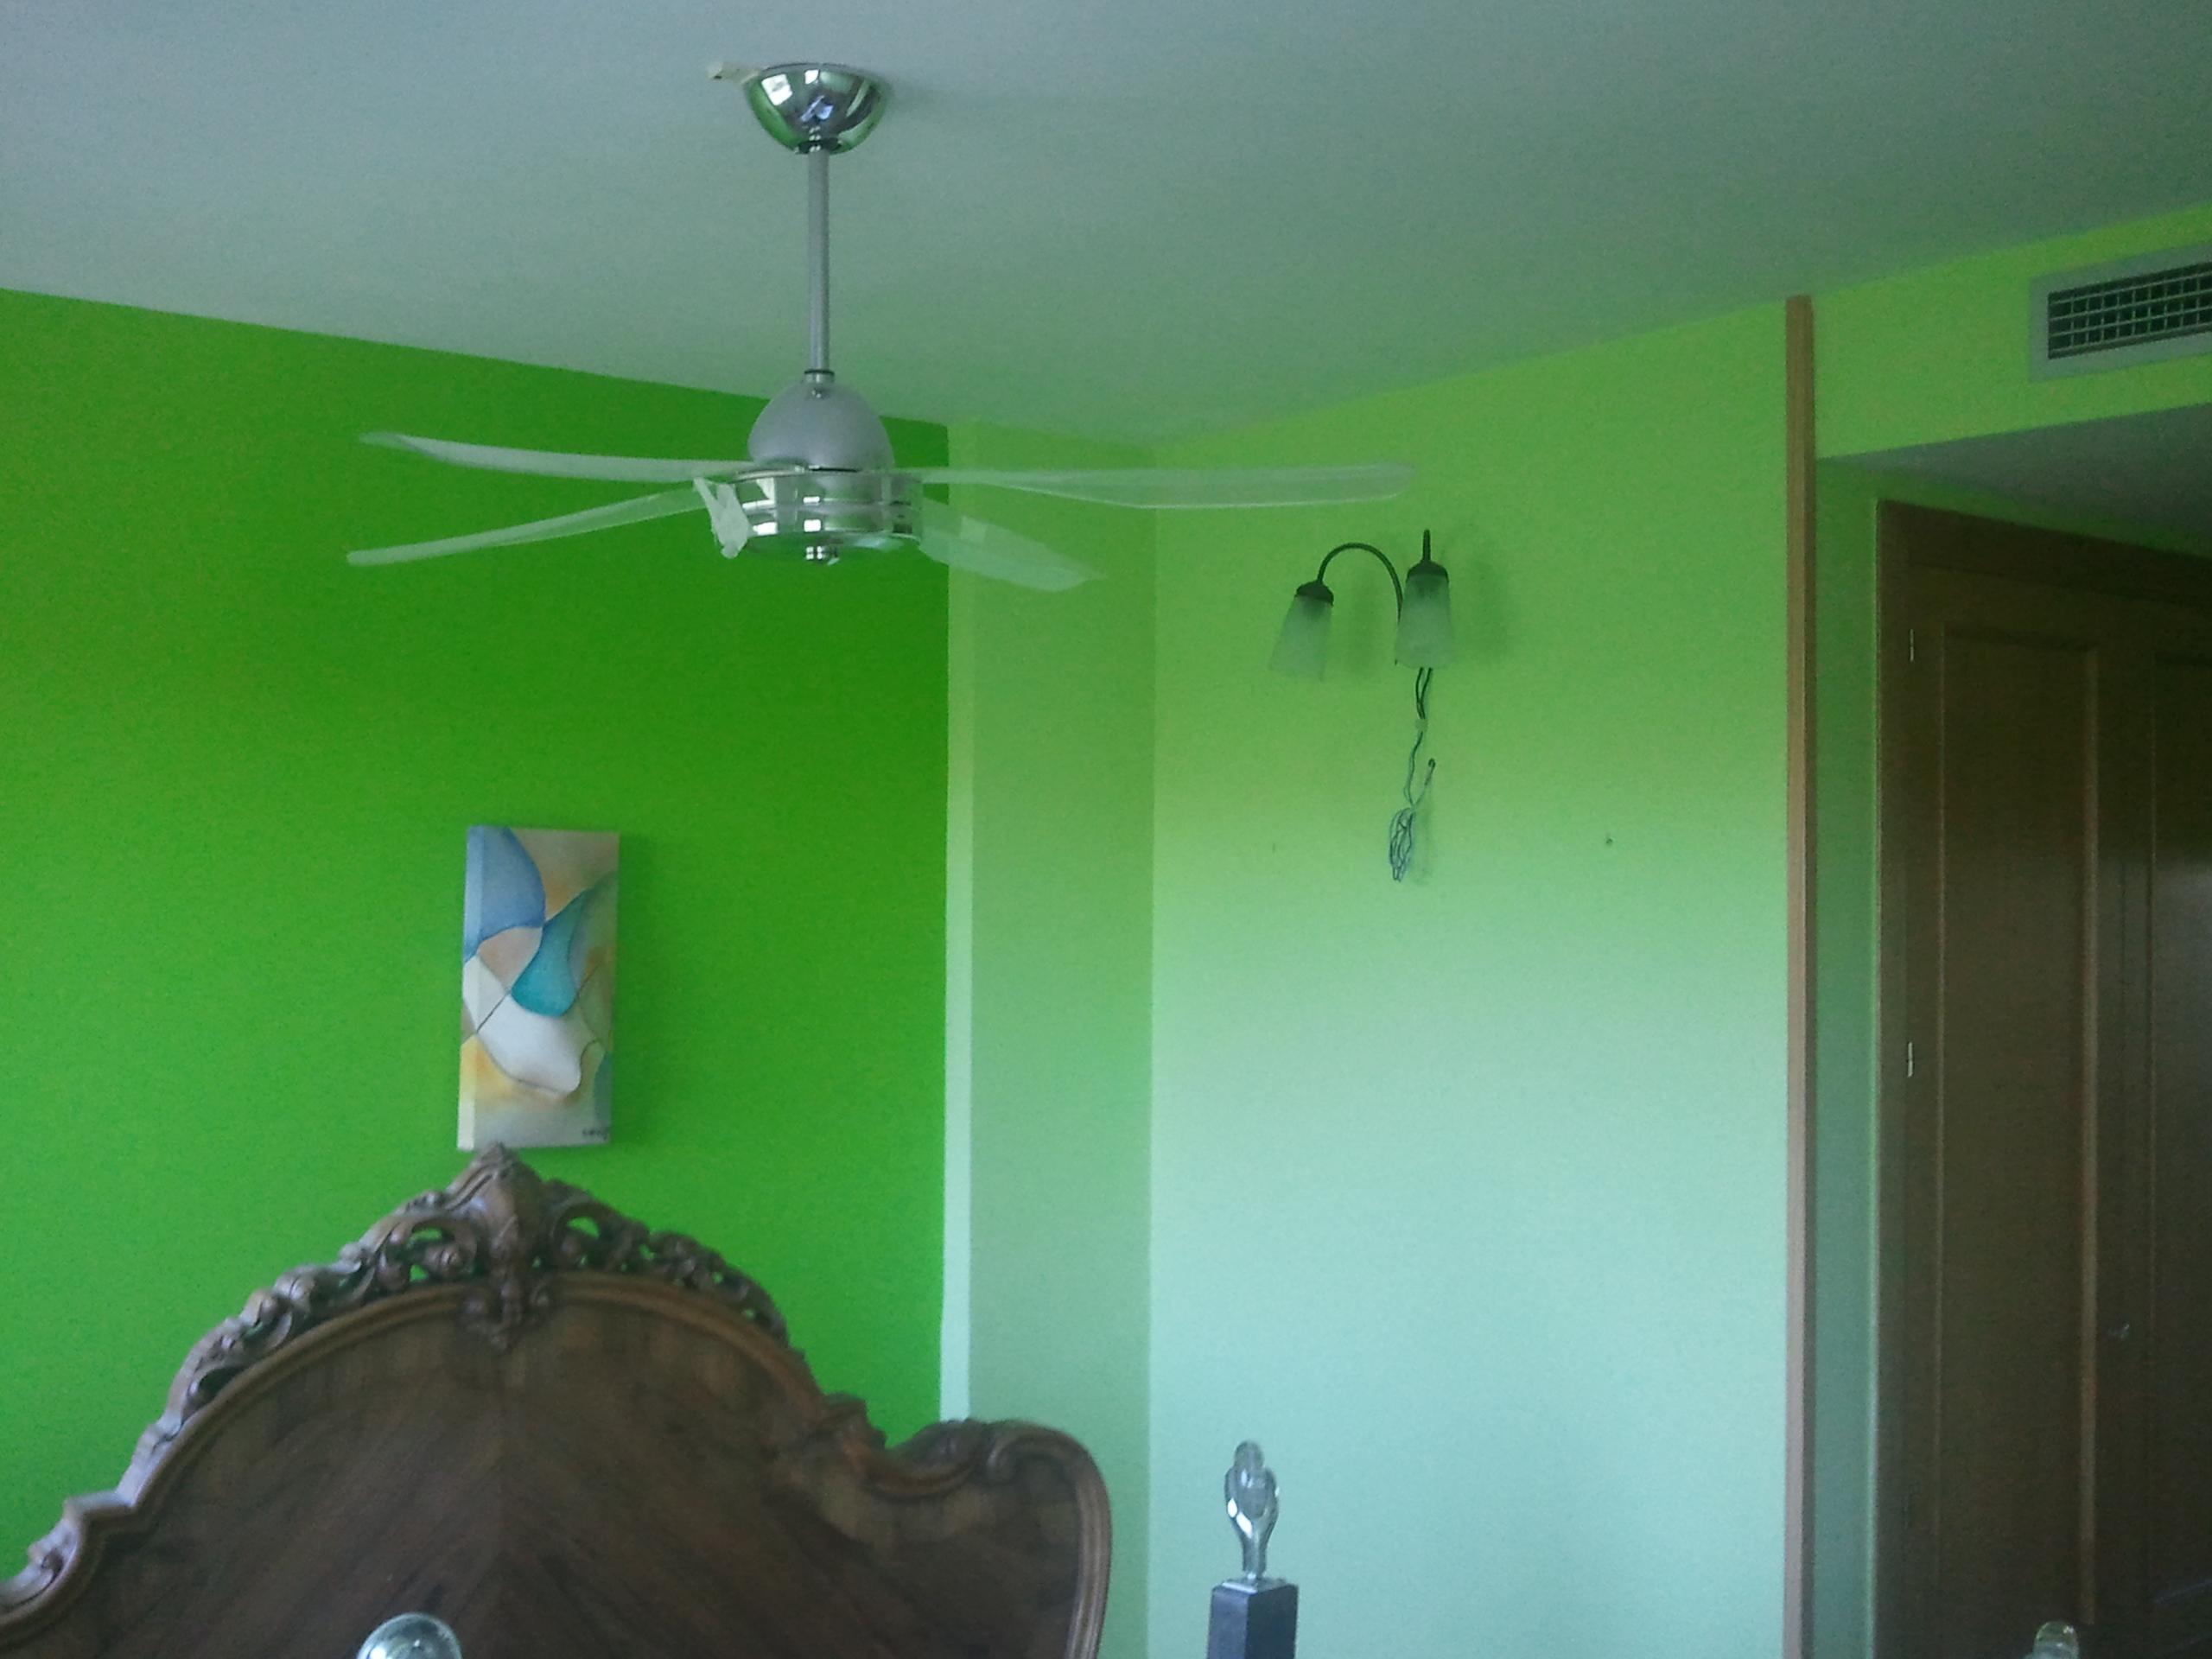 Pintura Plastica Color Verde Claro y Verde Oscuro